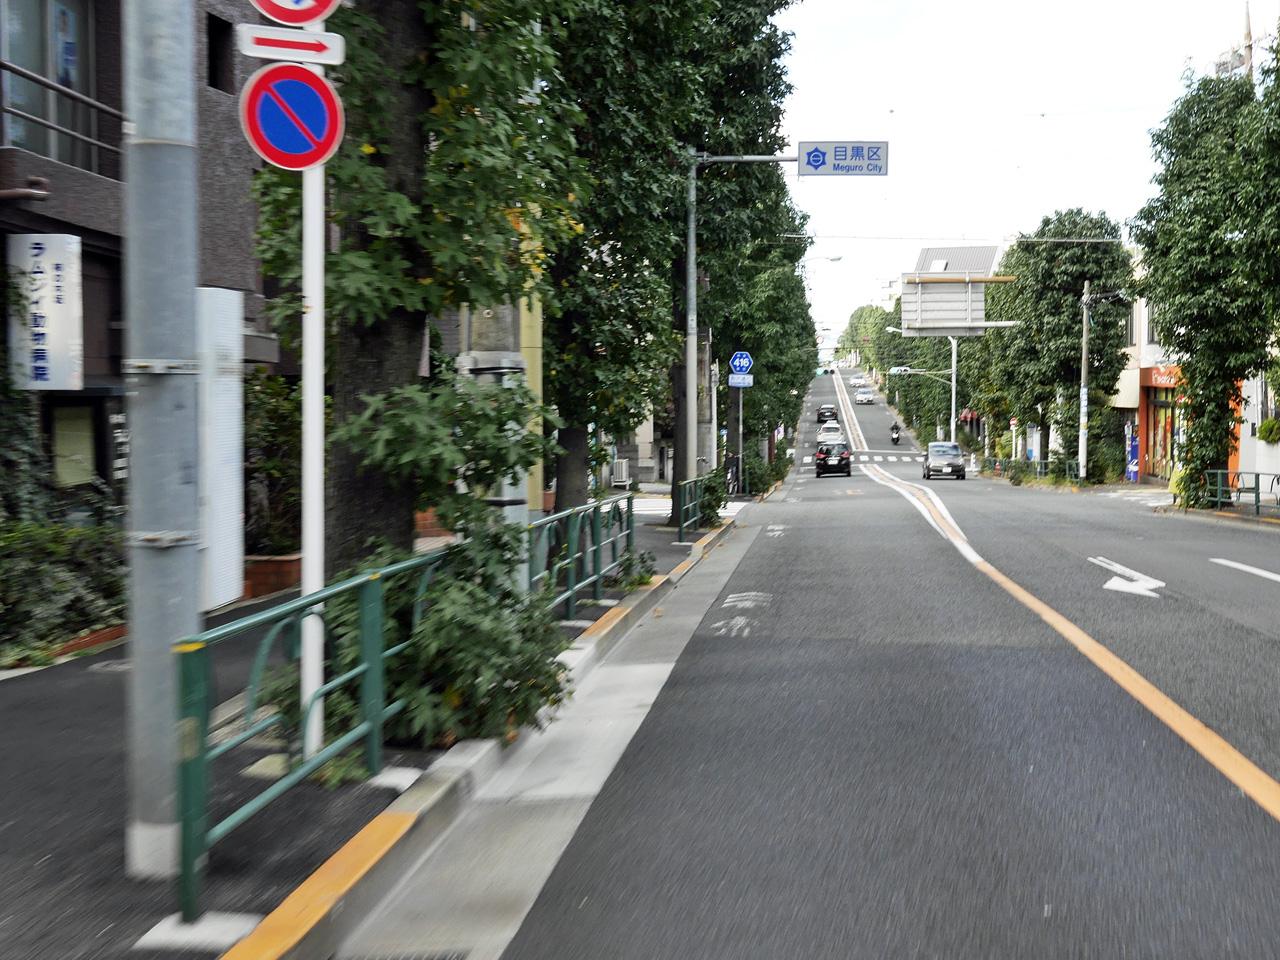 駒沢通りを西走して多摩川方面へ